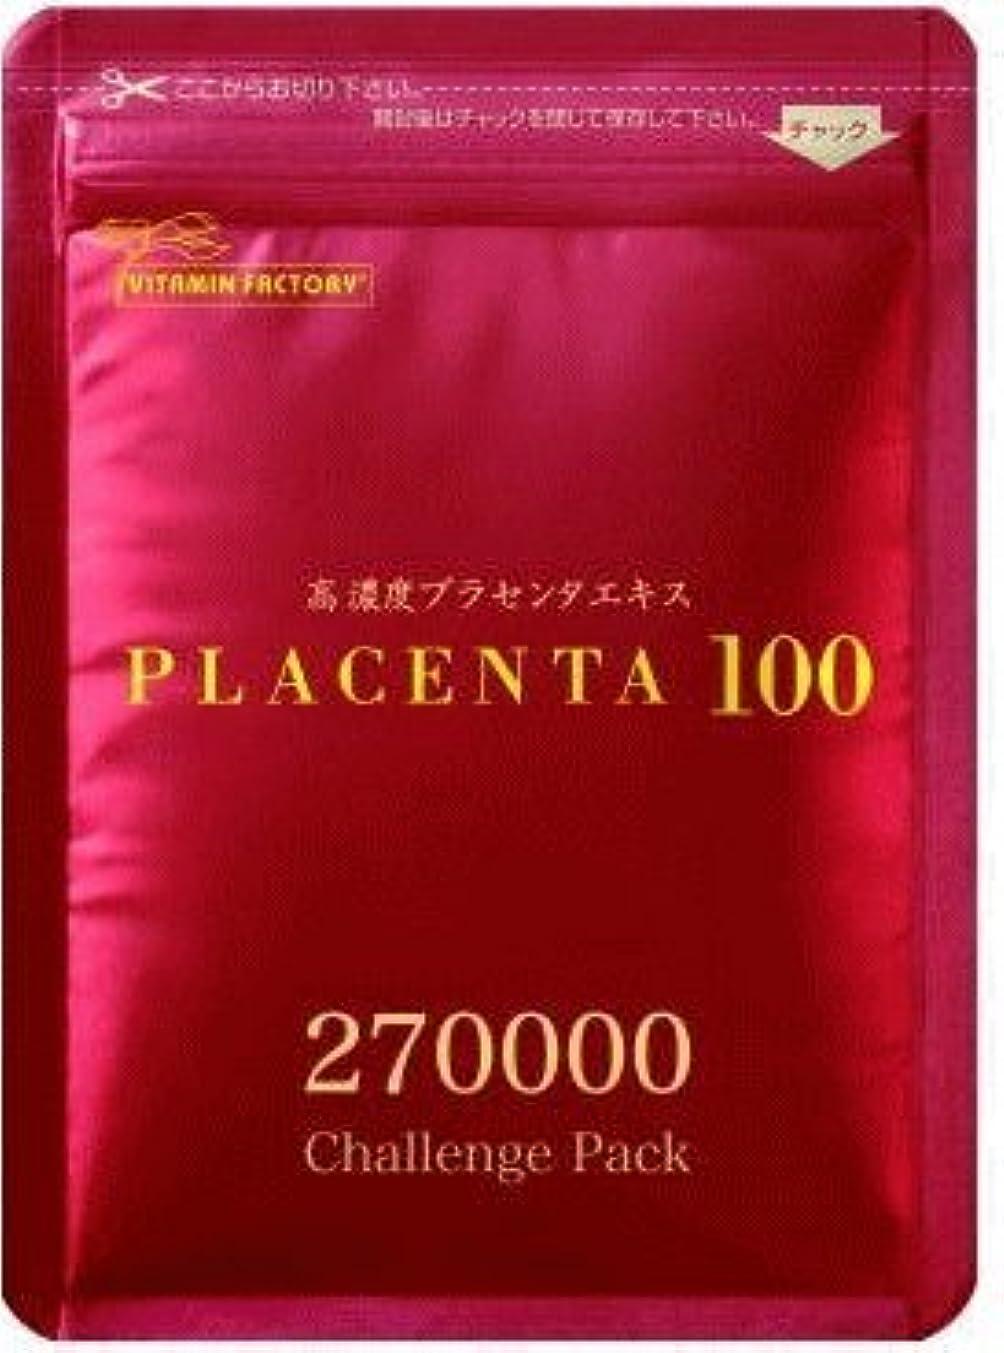 オーラル割合栄光プラセンタ100 30粒 R&Y  270000チャレンジパック